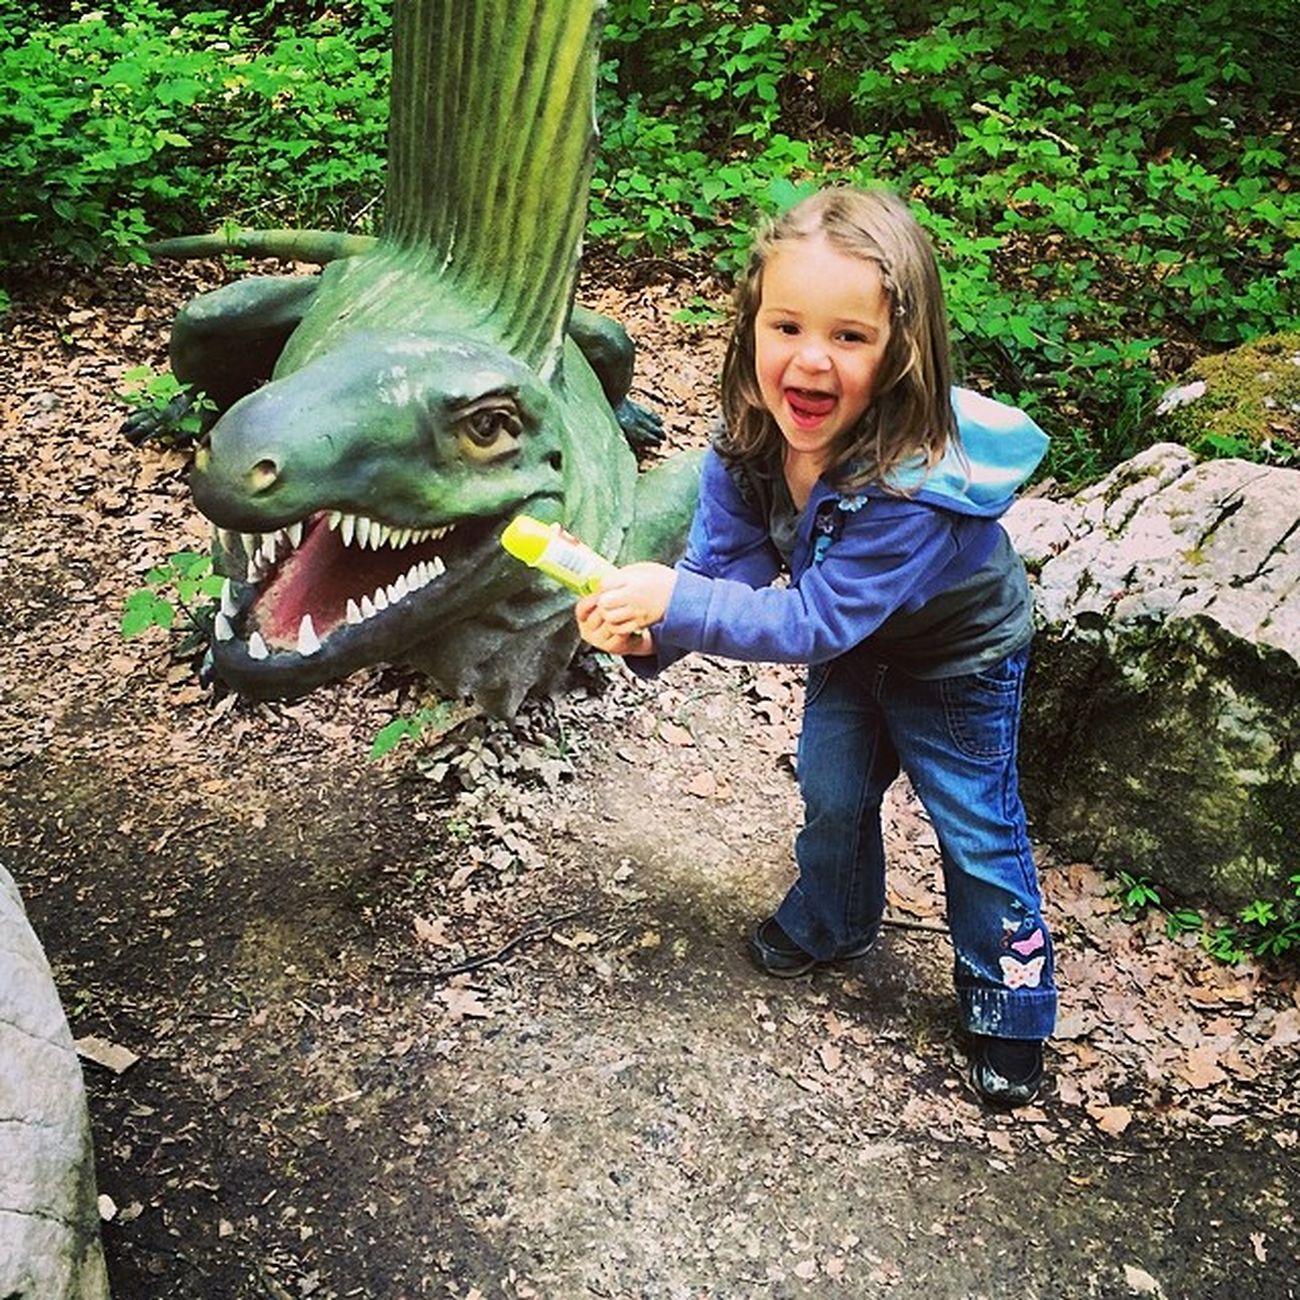 Auch Dinos mögen Eis #fütterung #glace #dinosaurier #dino #calippo #gf #glutenfrei #shanaya #jura #schweiz #swiss #switzerland #park #tropfsteinhöhle Park Dino Switzerland GF Swiss Schweiz Calippo Glace Fütterung  Jura Dinosaurier  Glutenfrei Tropfsteinhöhle Shanaya